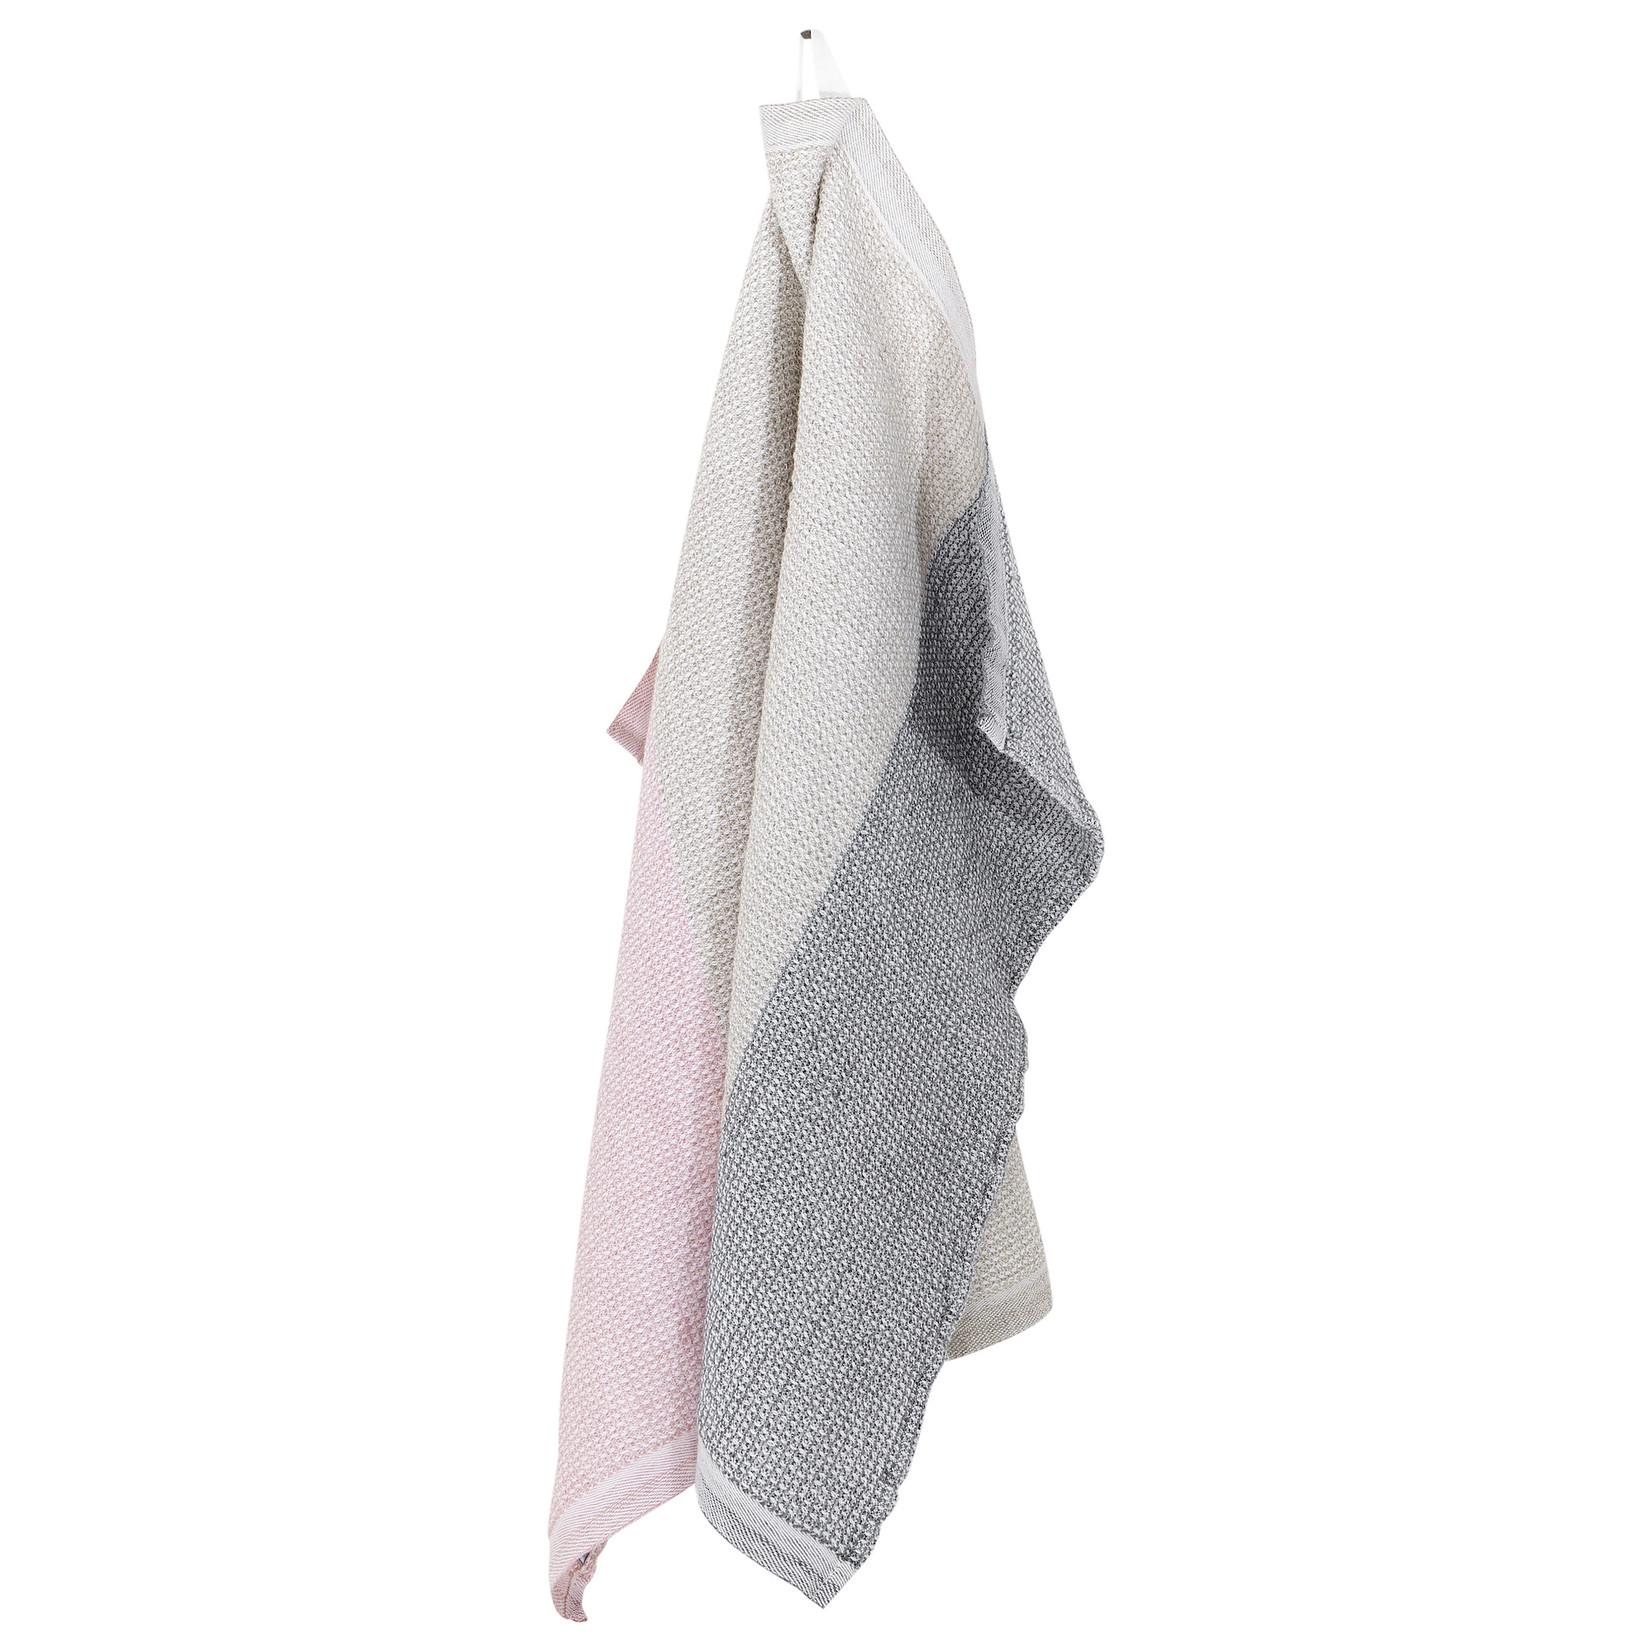 Lapuan Kankurit TERVA towel - linen, tencel & cotton - 2 colours